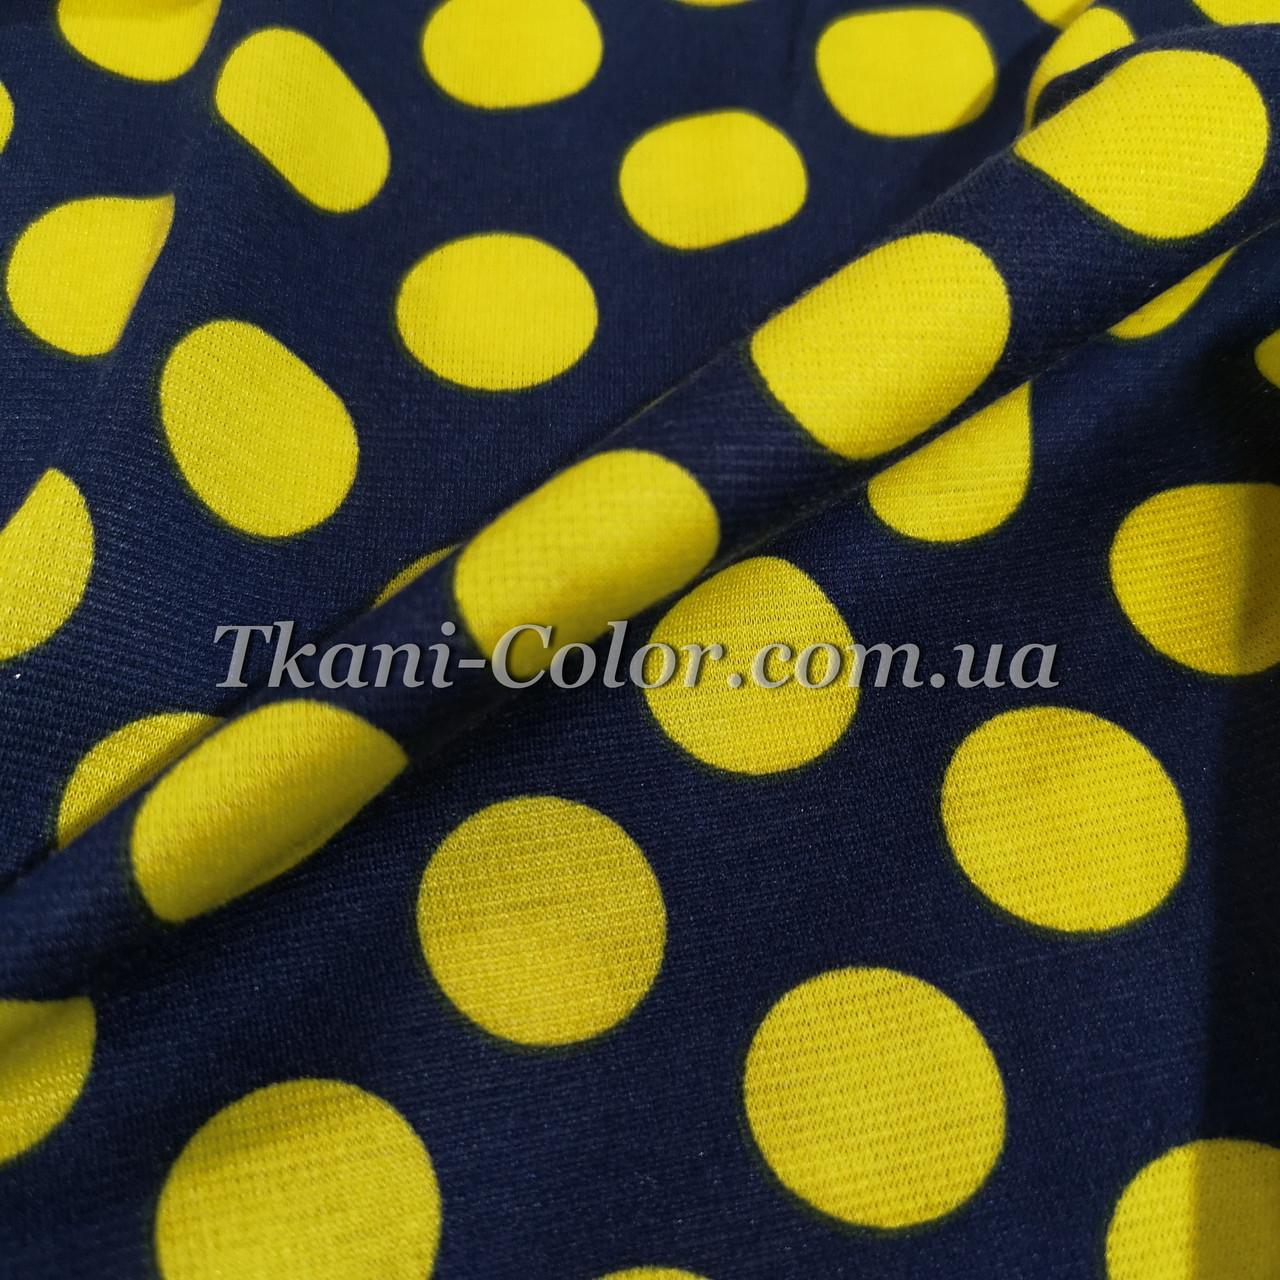 Французький трикотаж в синій жовтий горох 2см